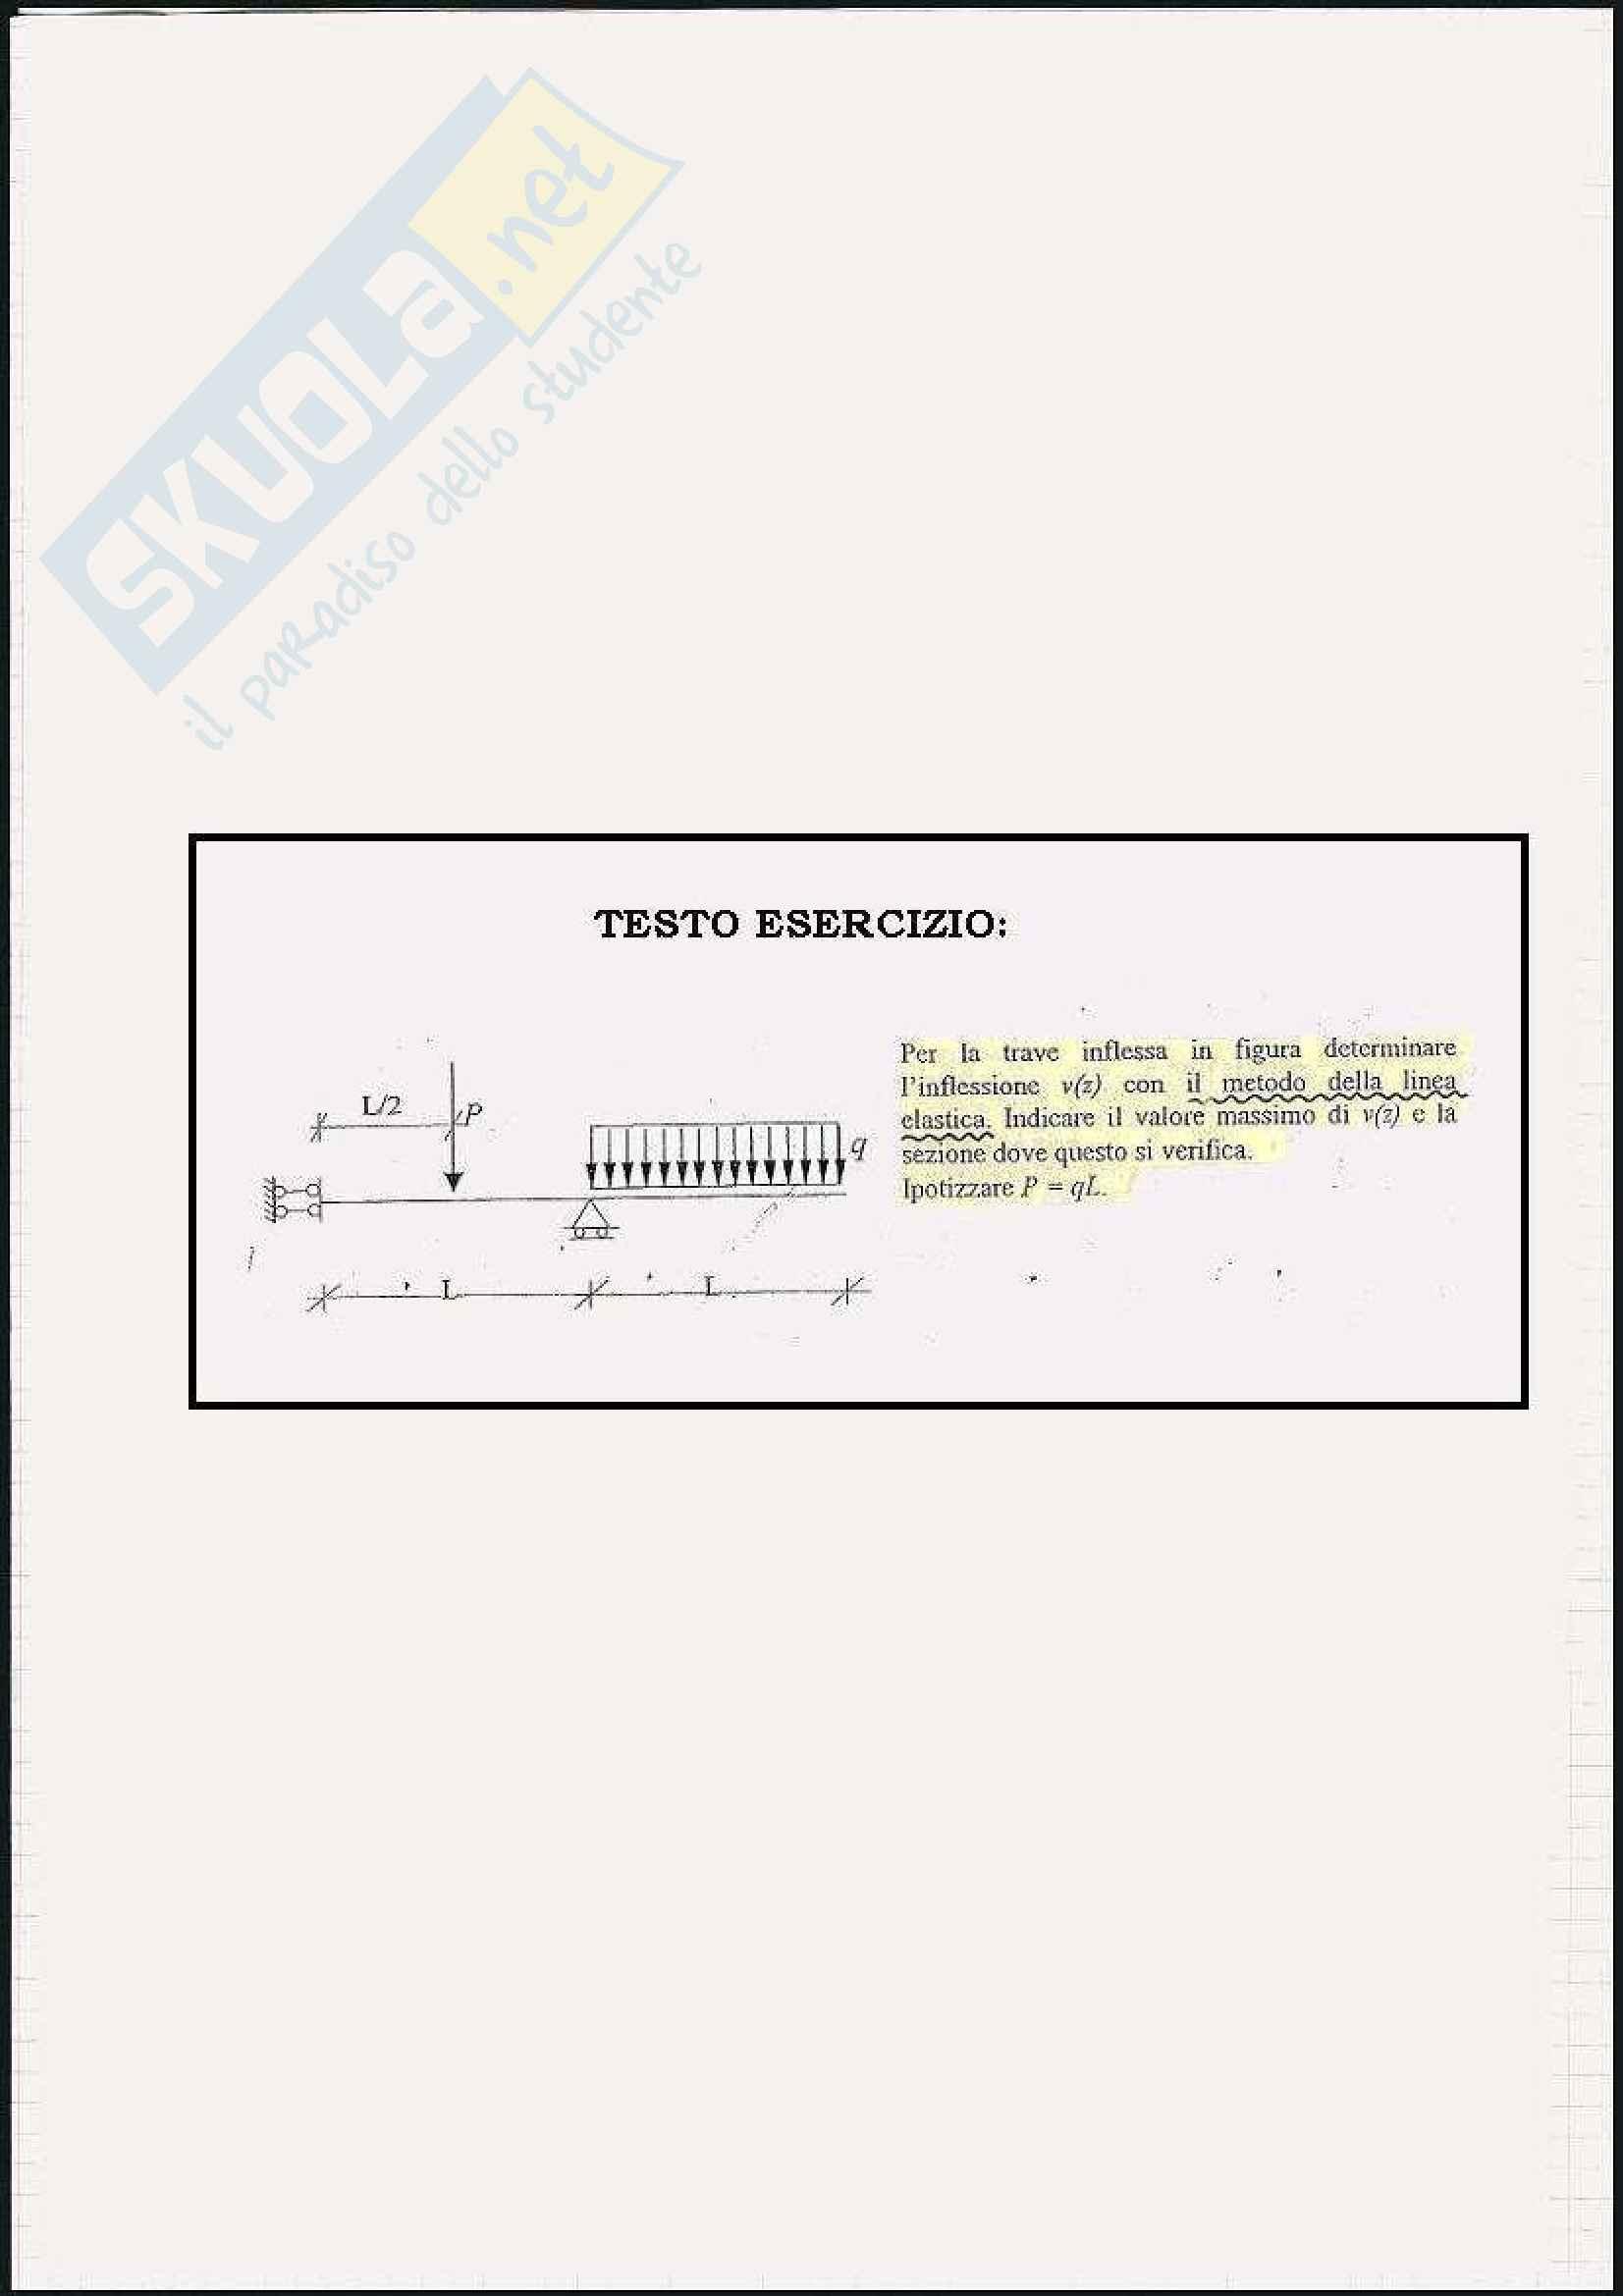 Scienza delle costruzioni - Esercizi sulla linea elastica e Mohr Pag. 61